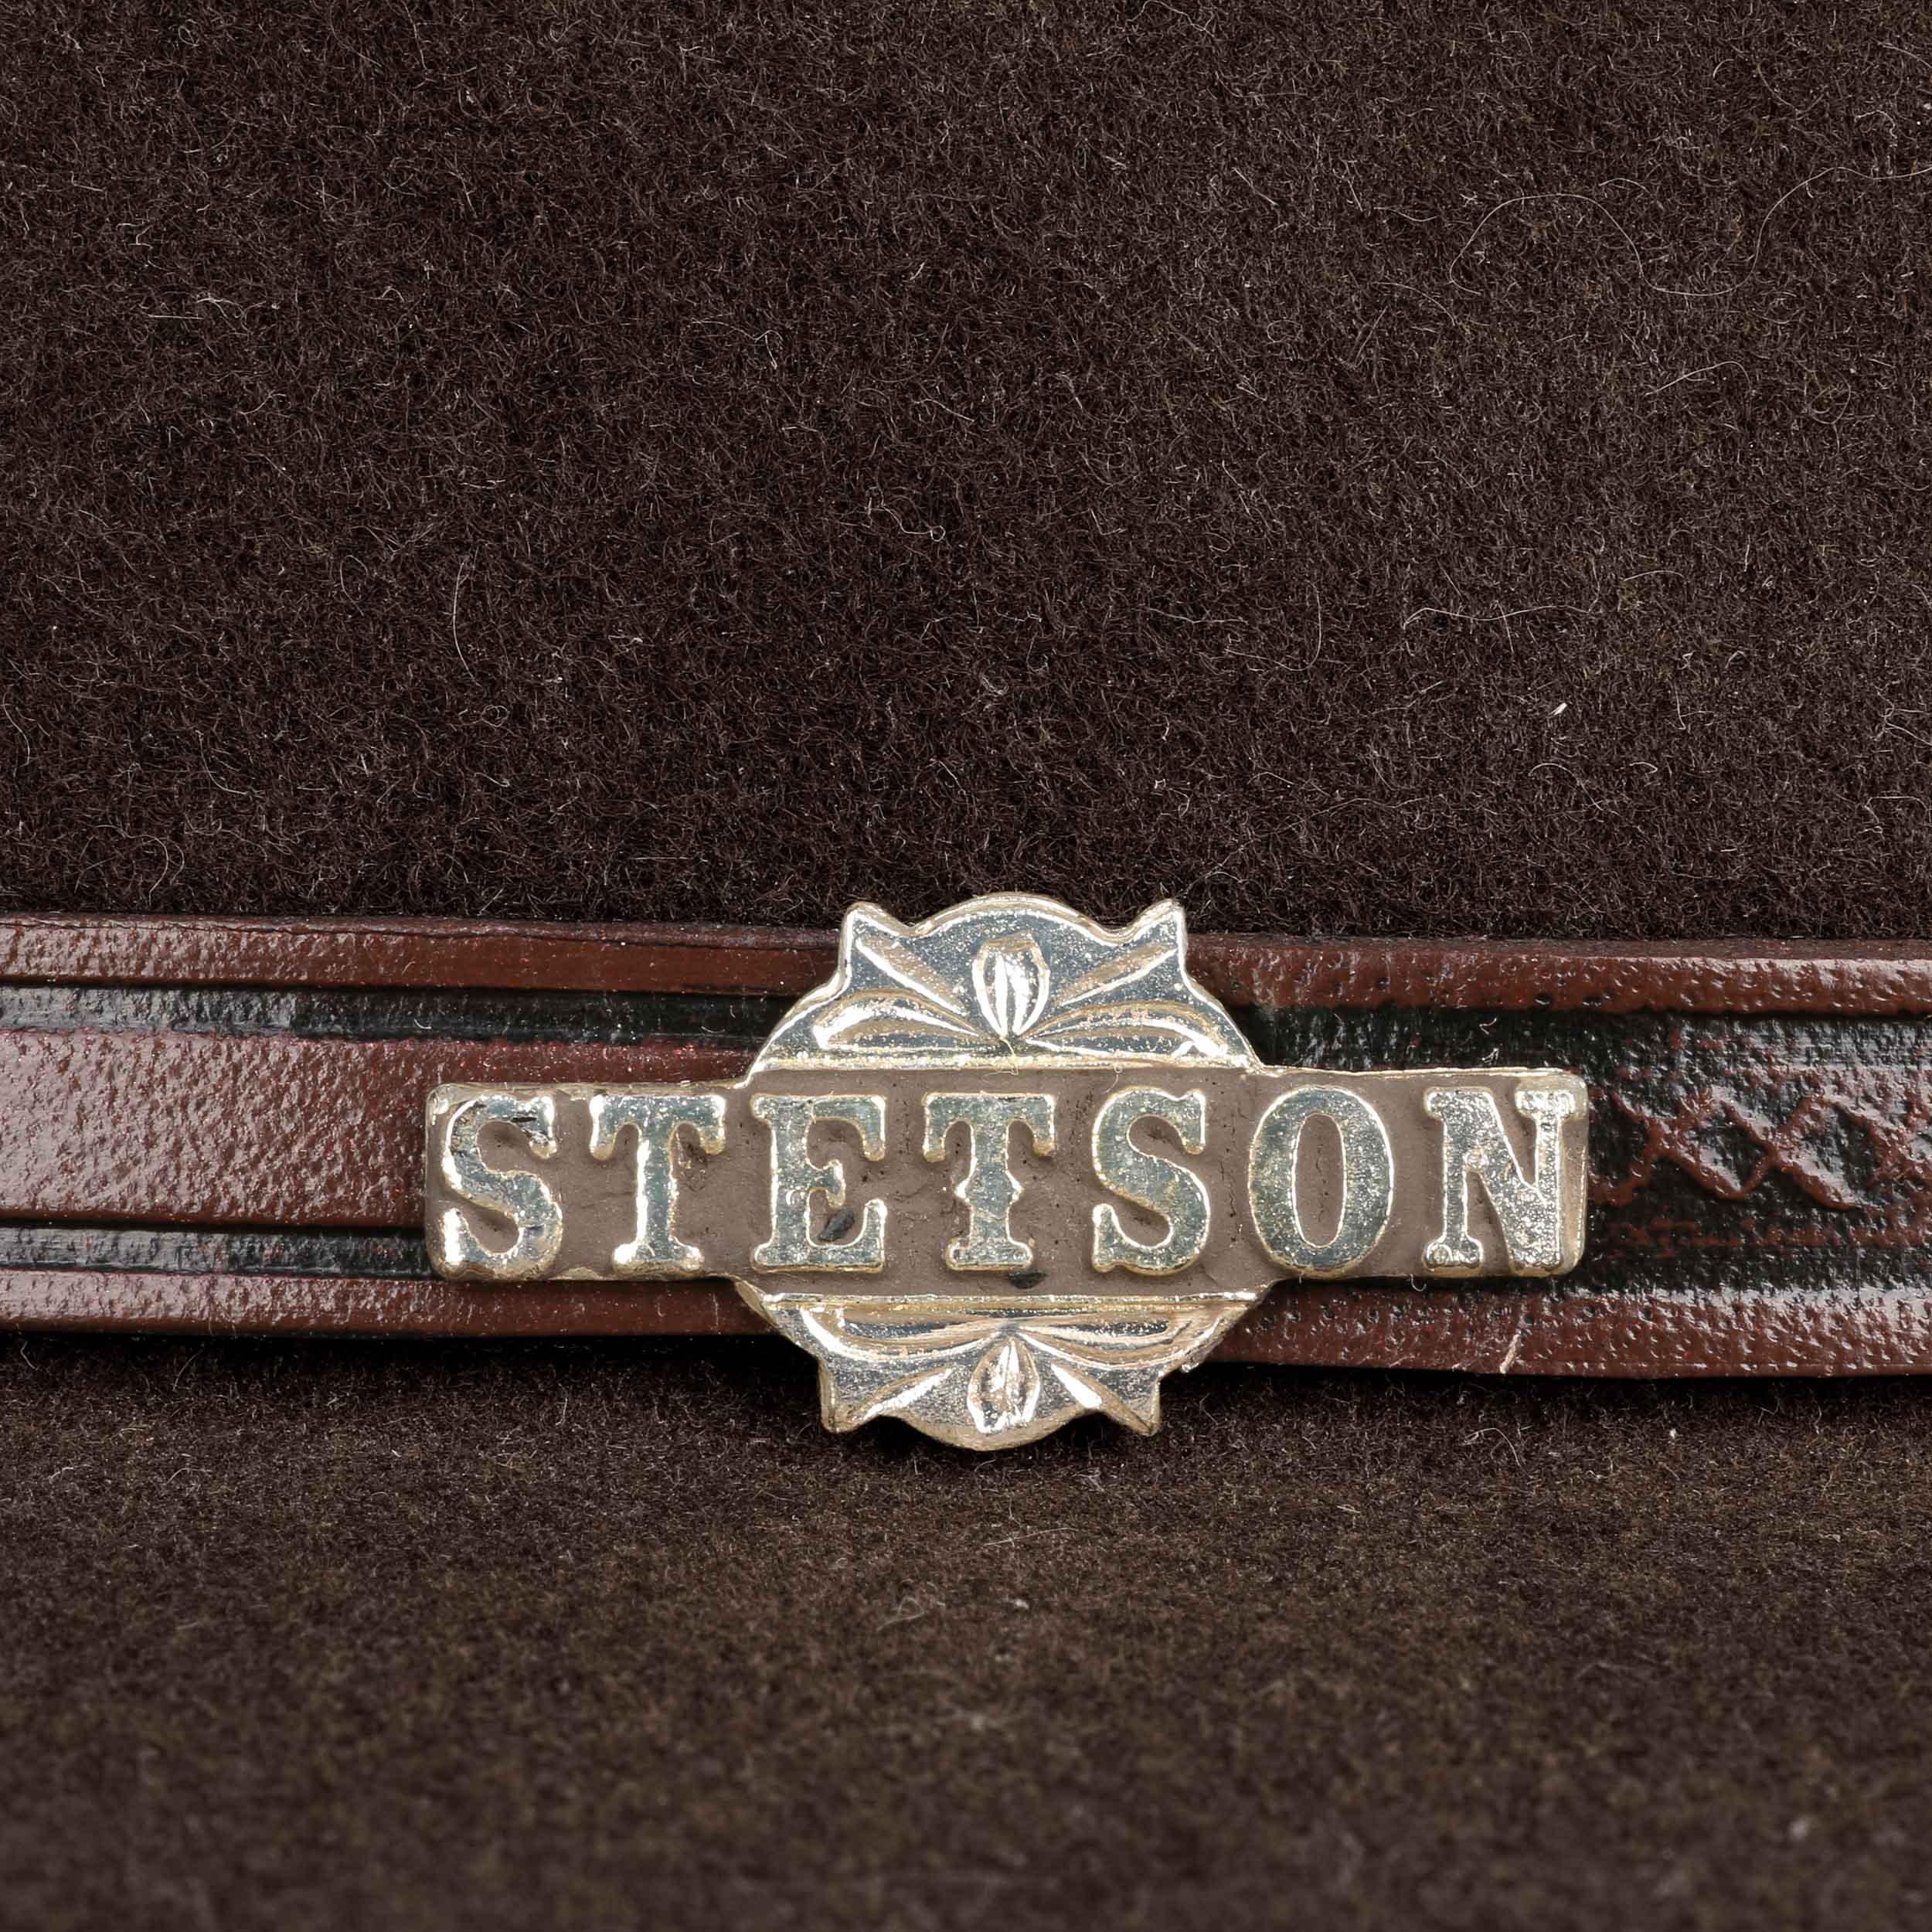 5f050857045e6 ... Llano 4X Fur Felt Western Hat by Stetson - dark brown 3 ...